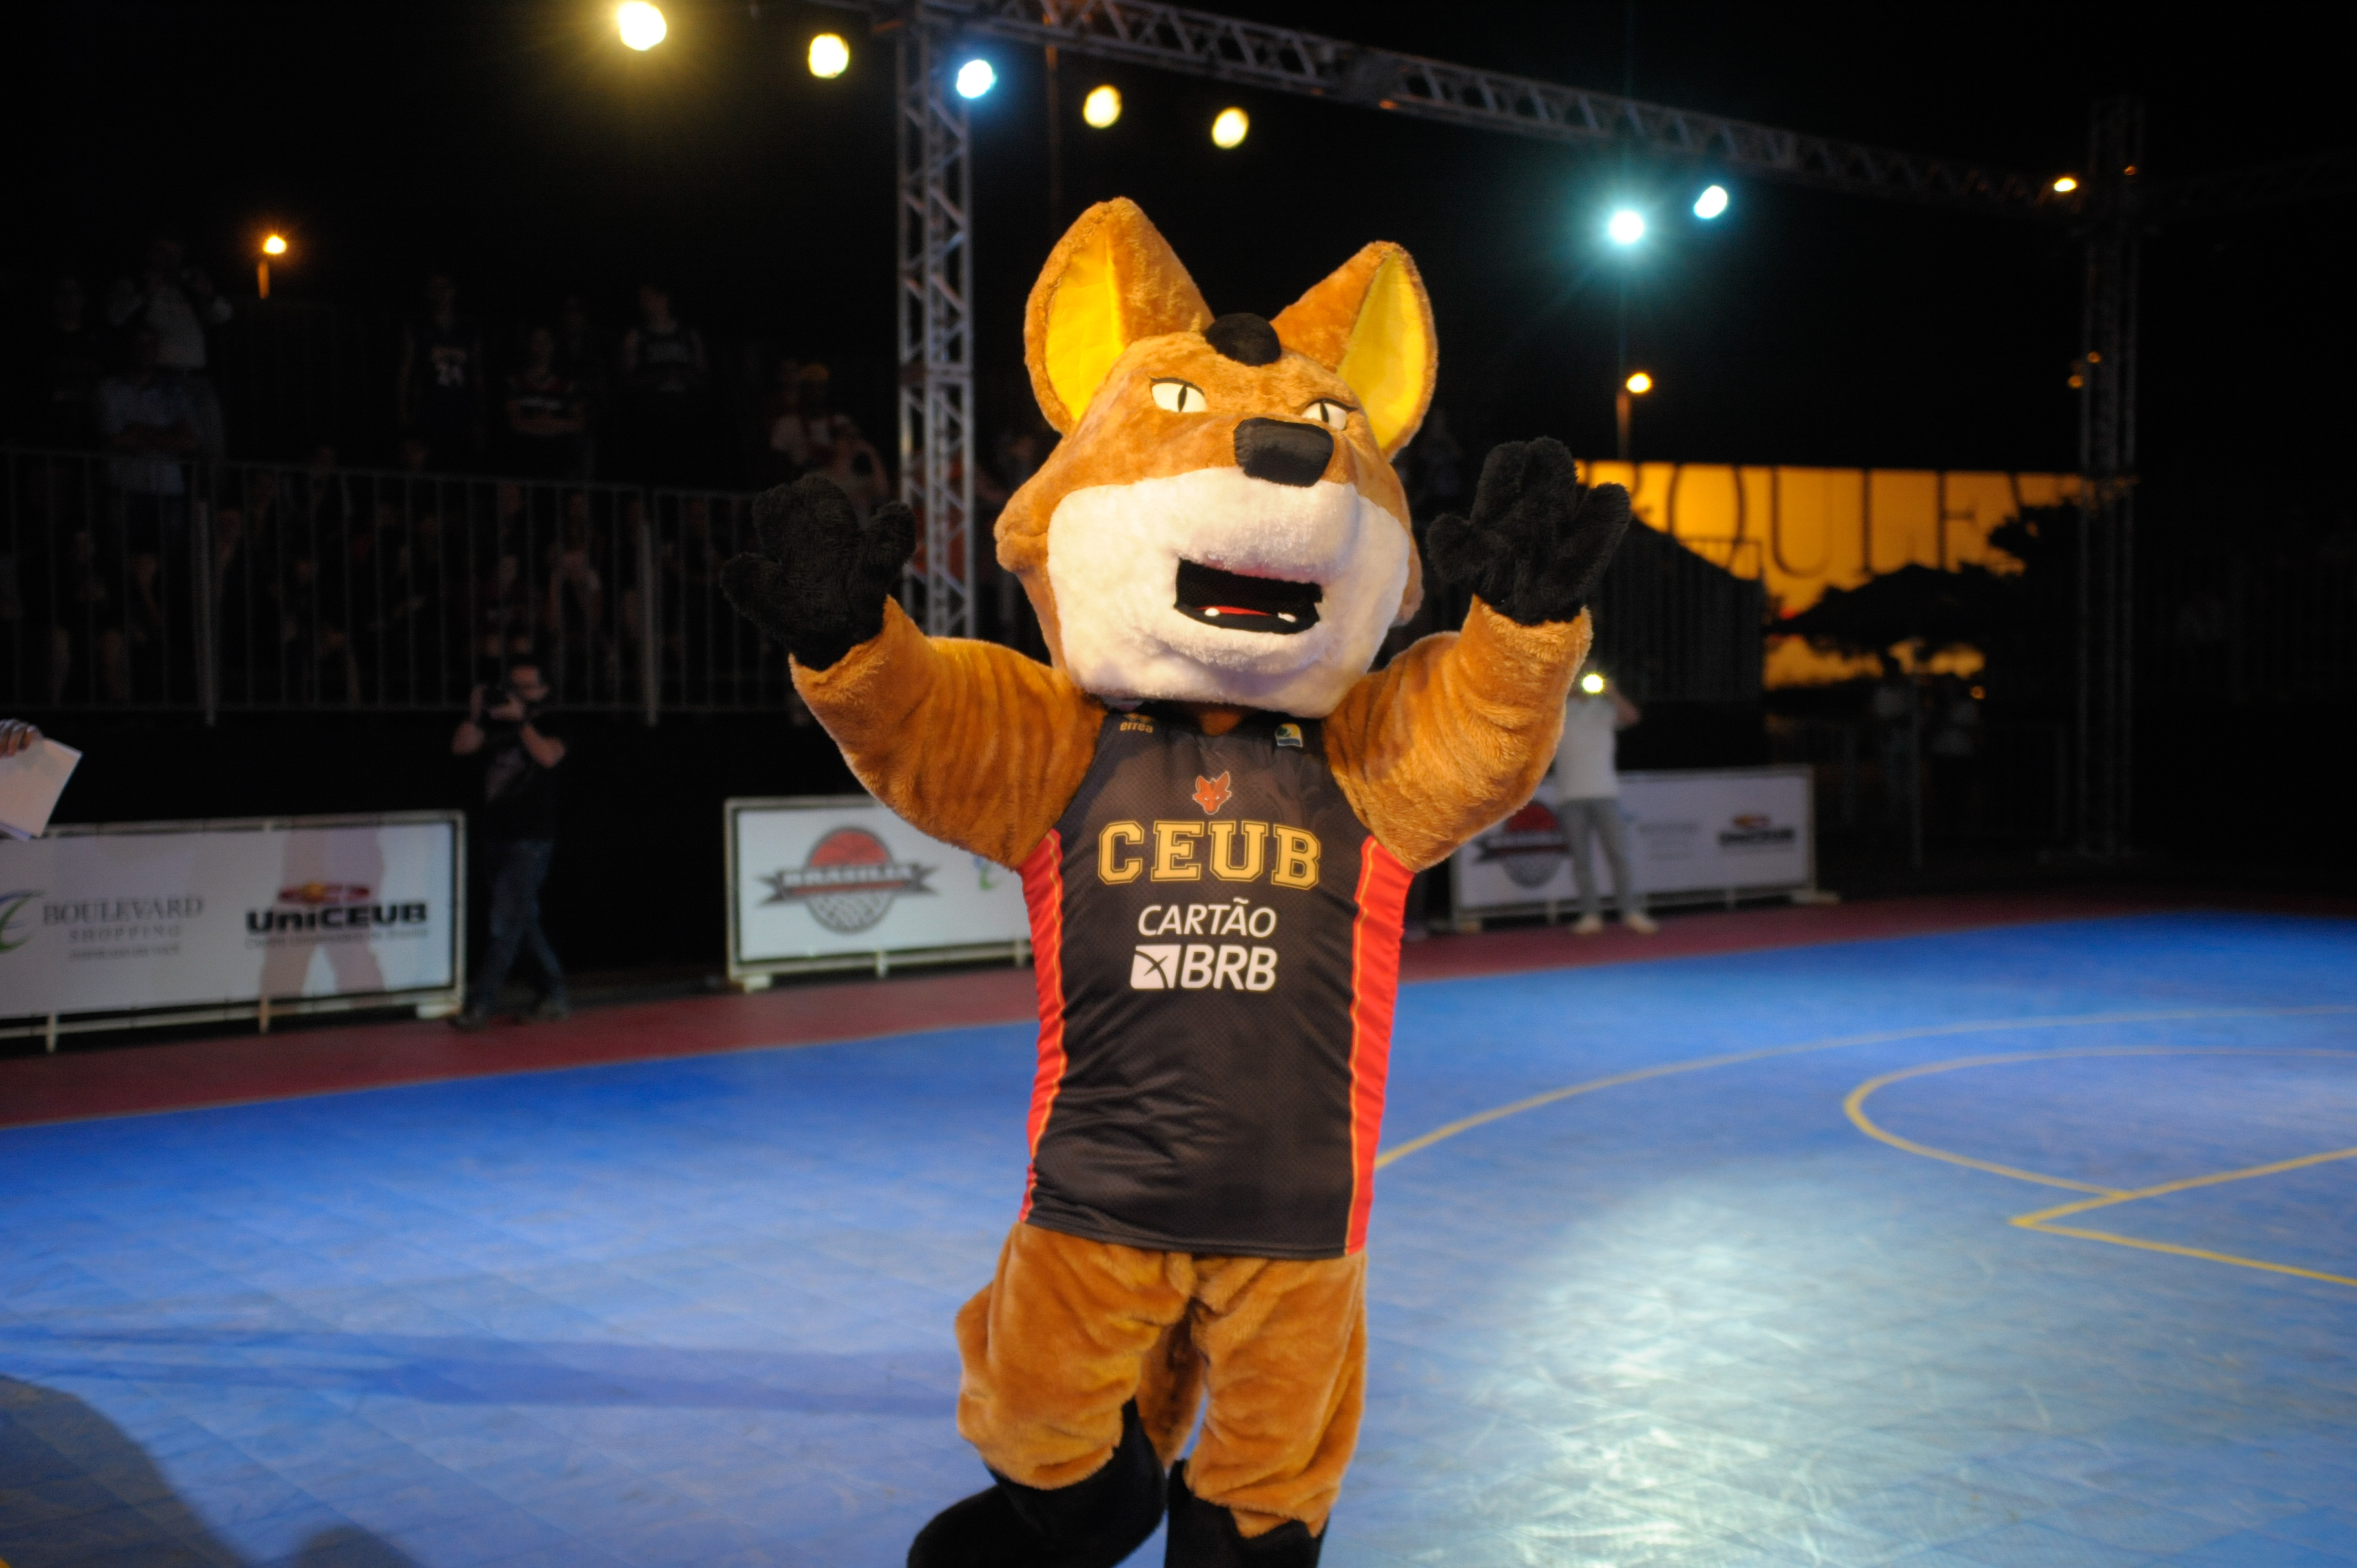 Mascote do Brasília está mais moderno e agora terá companhia de cheerleaders durante os jogos (Brito Junior/UniCEUB)